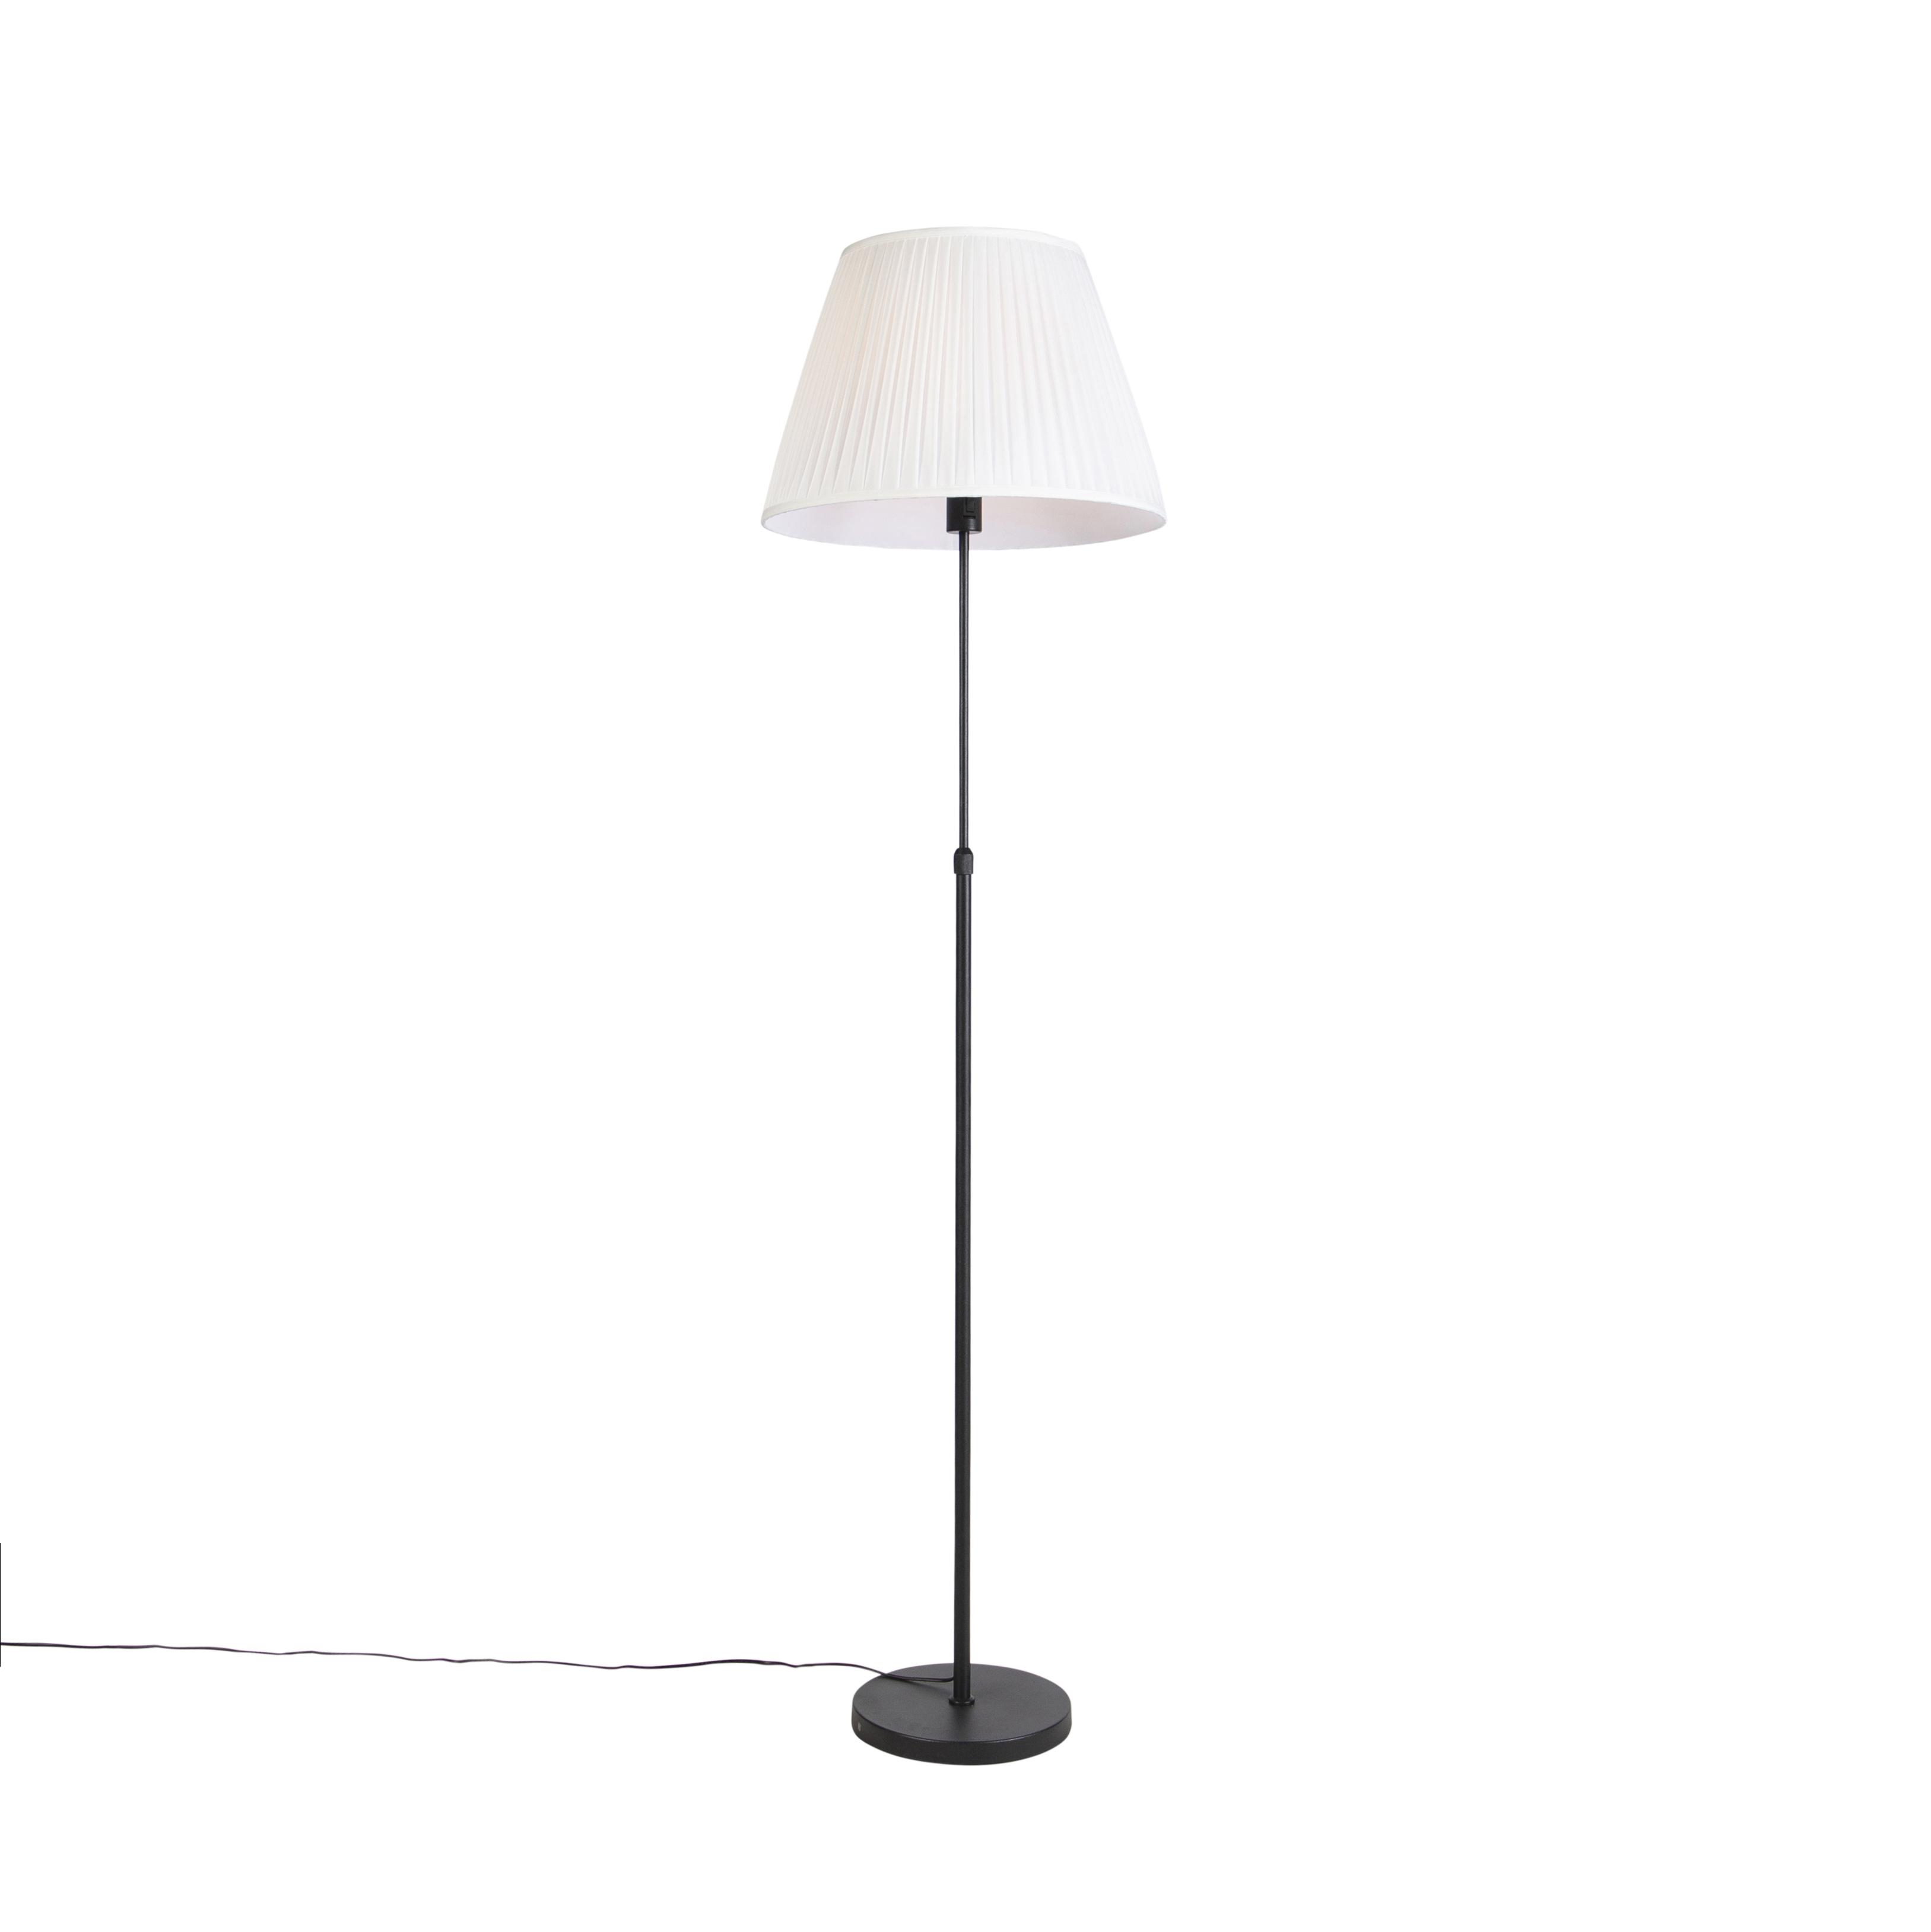 Vloerlamp zwart met plisse kap crème 45 cm verstelbaar - Parte